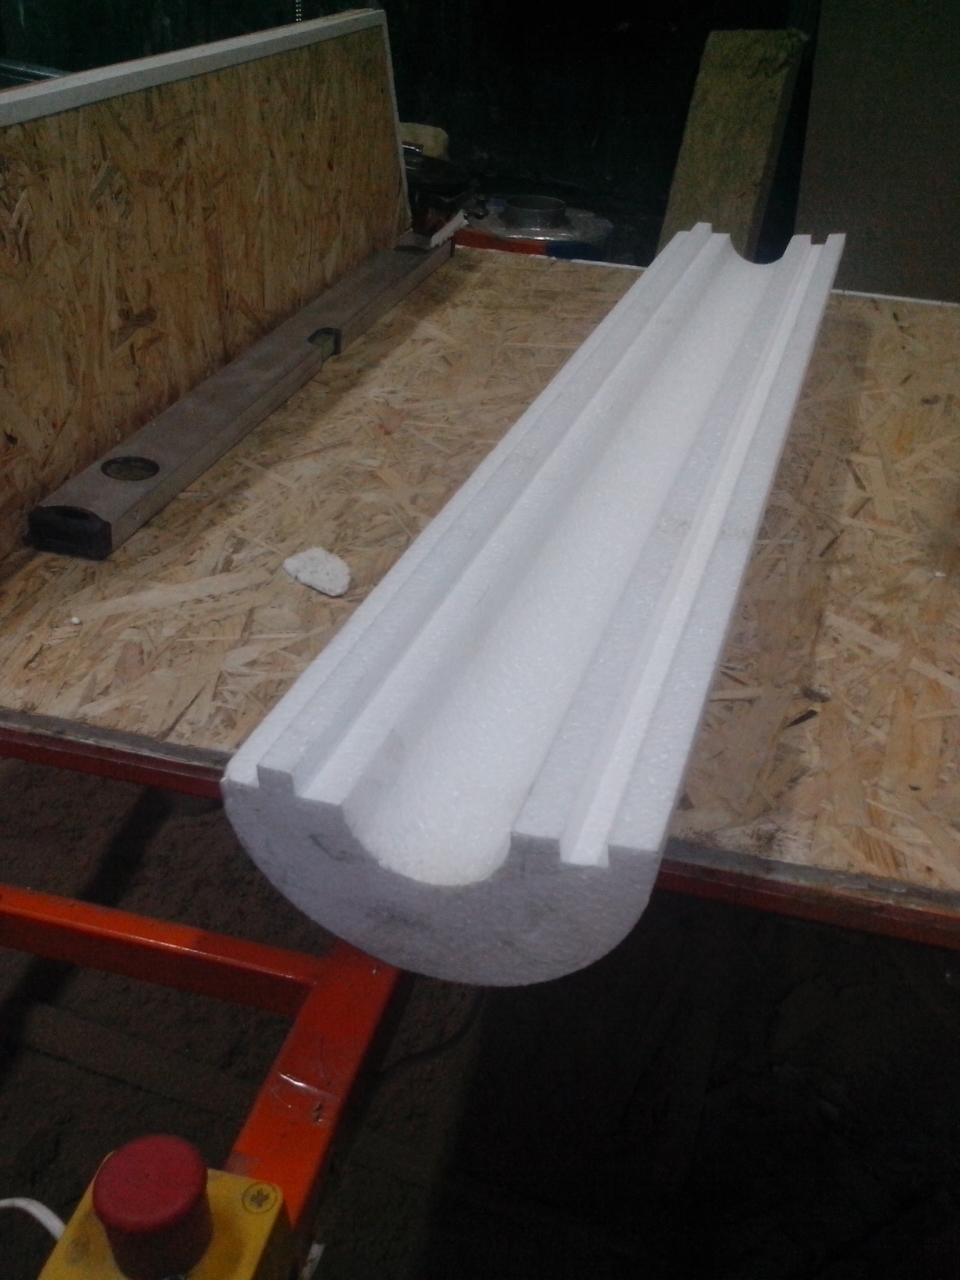 Утеплитель из пенопласта (пенополистирола) для труб Ø 18 мм толщиной 100 мм